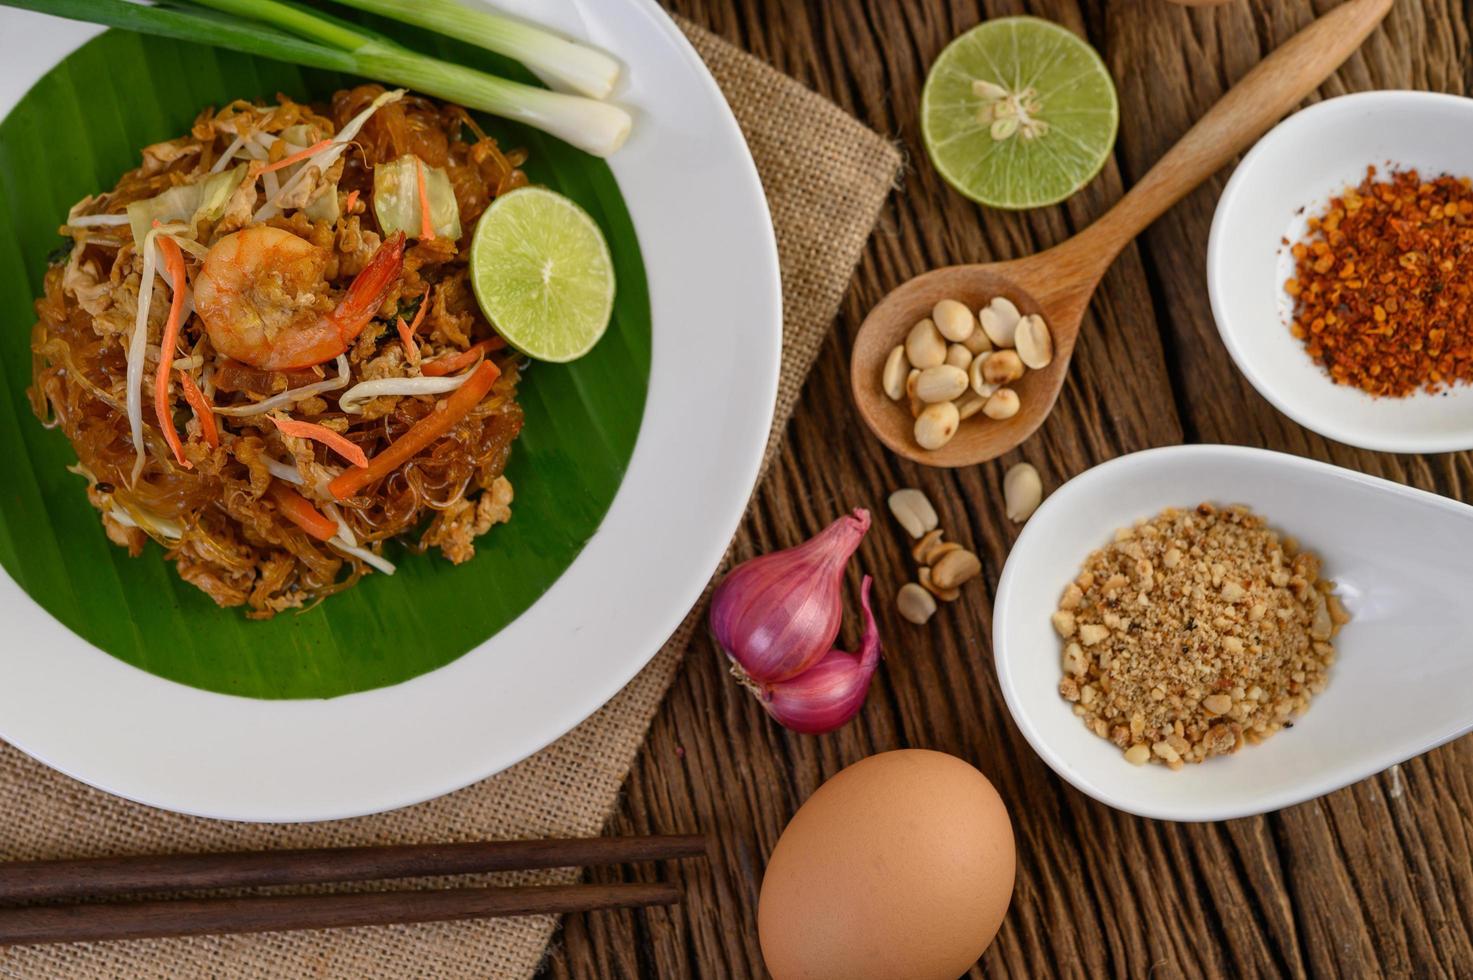 pad thai gamberetti in una ciotola con uova, cipollotto e condimenti foto